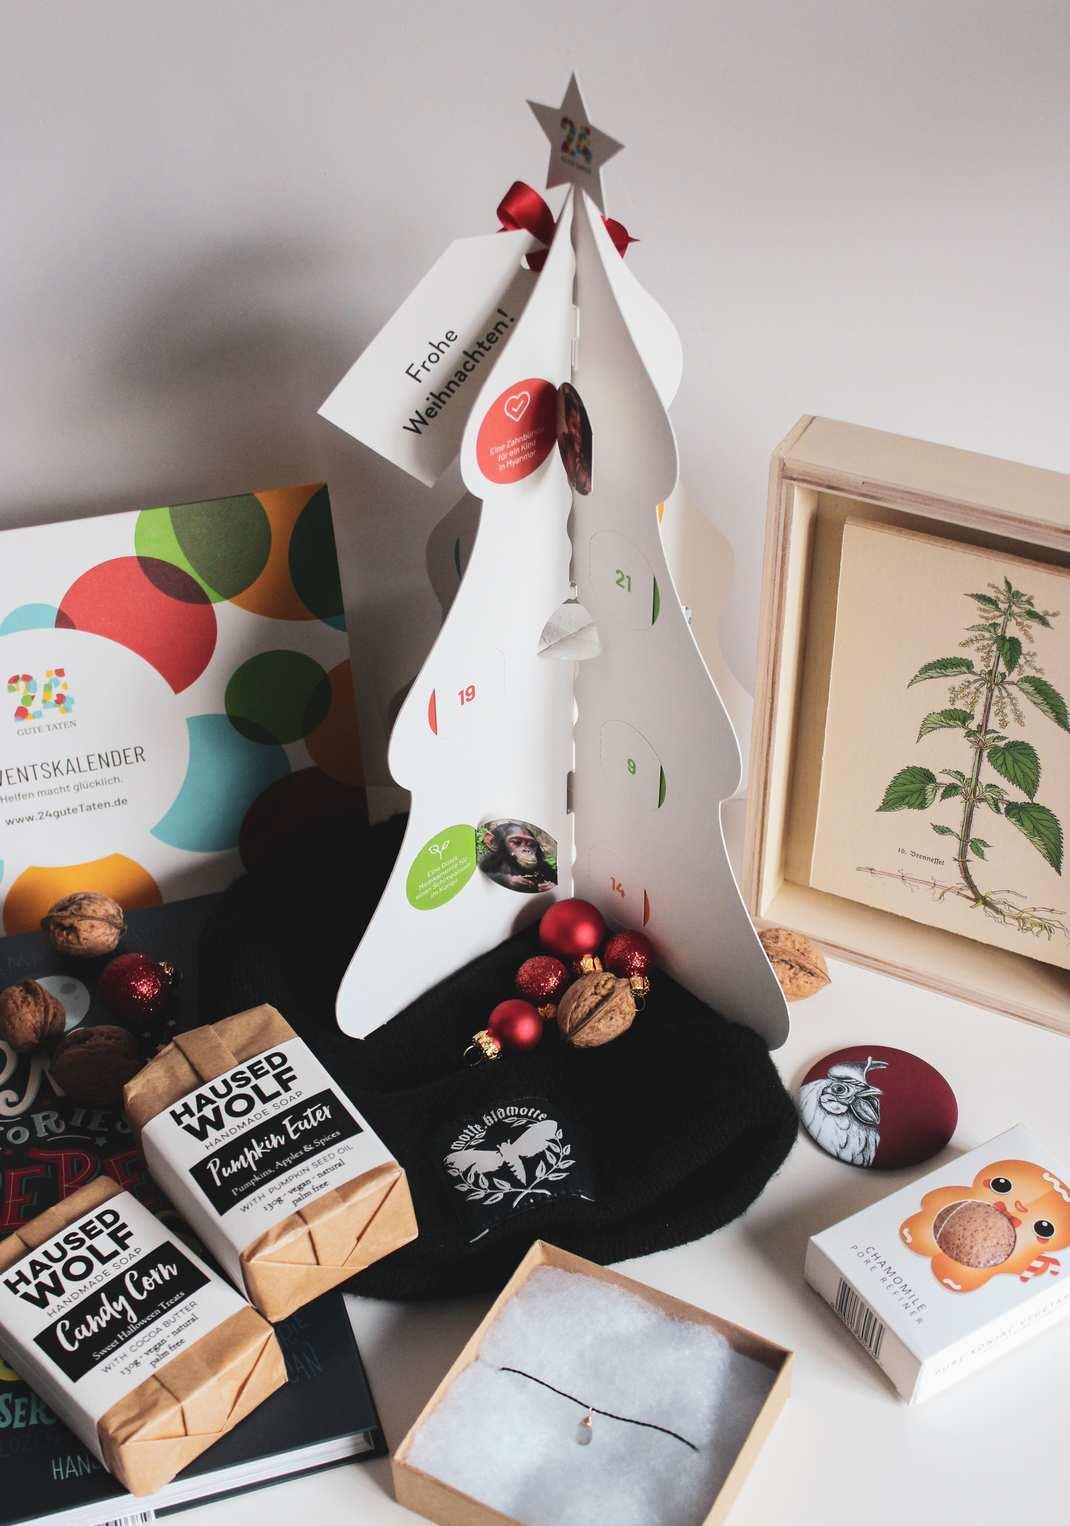 vegan weihnachtsgeschenke vegane geschenke gifts weihnachten geburtstag schenken shop small (2)